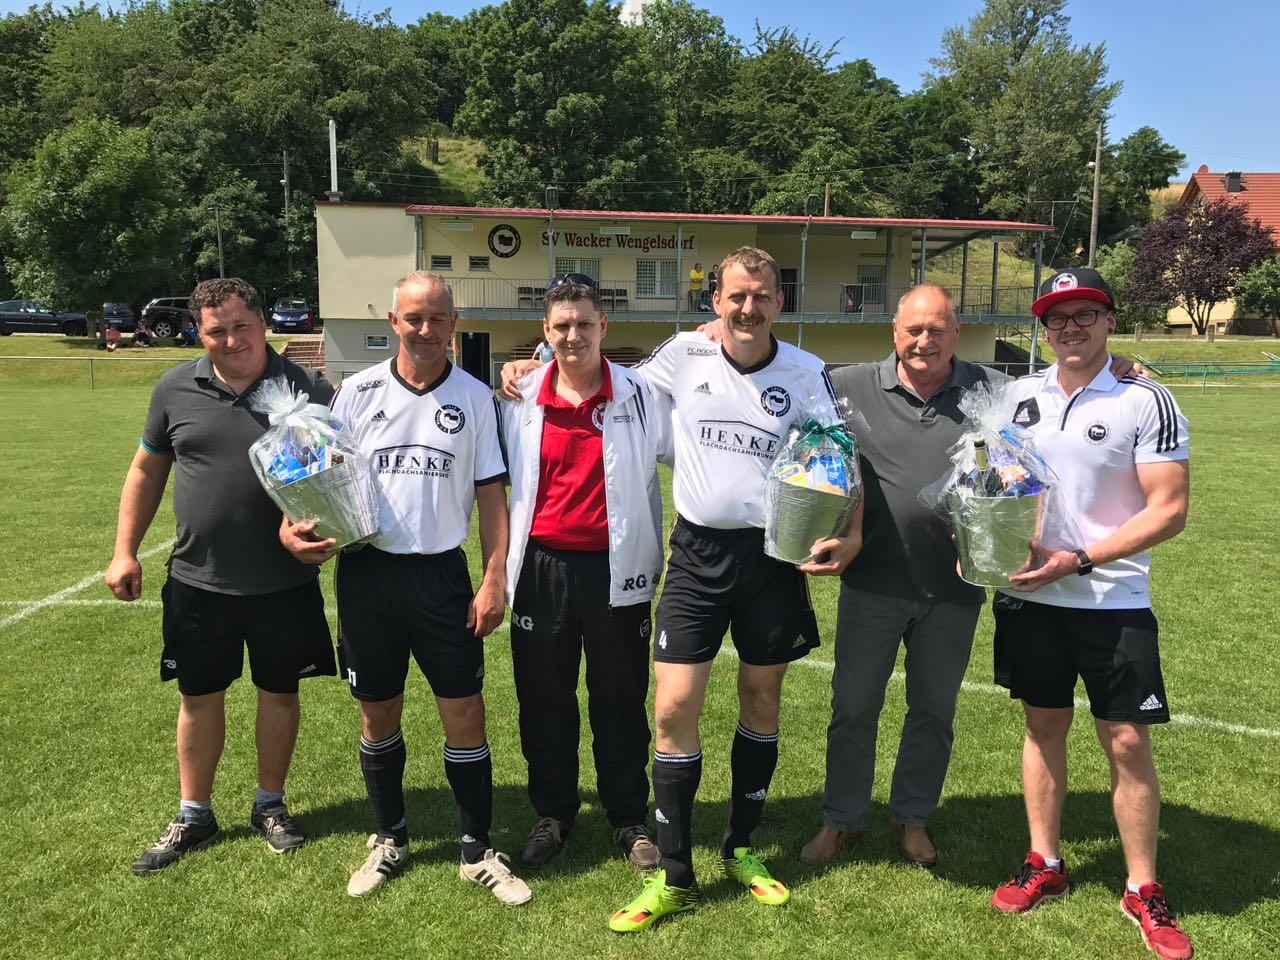 Verabschiedung Sportfreunde Rabitz, Taschinski, Oesterreich.